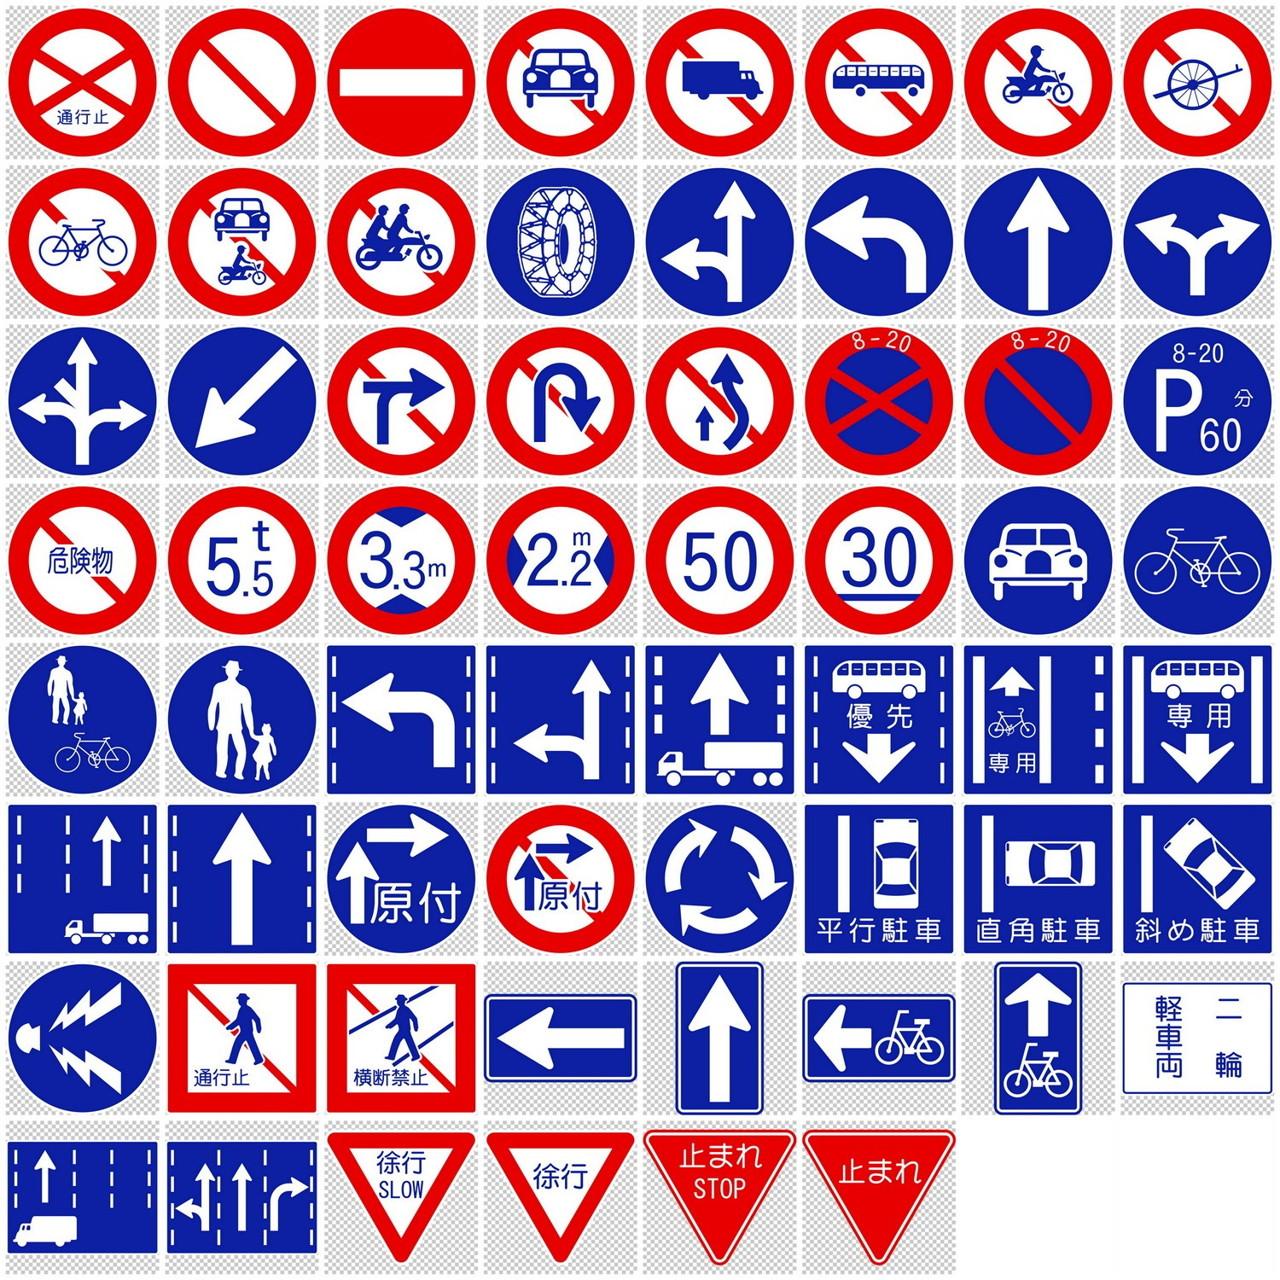 規制標識一覧 イラスト フリーデータの一覧です│digital-architex.com